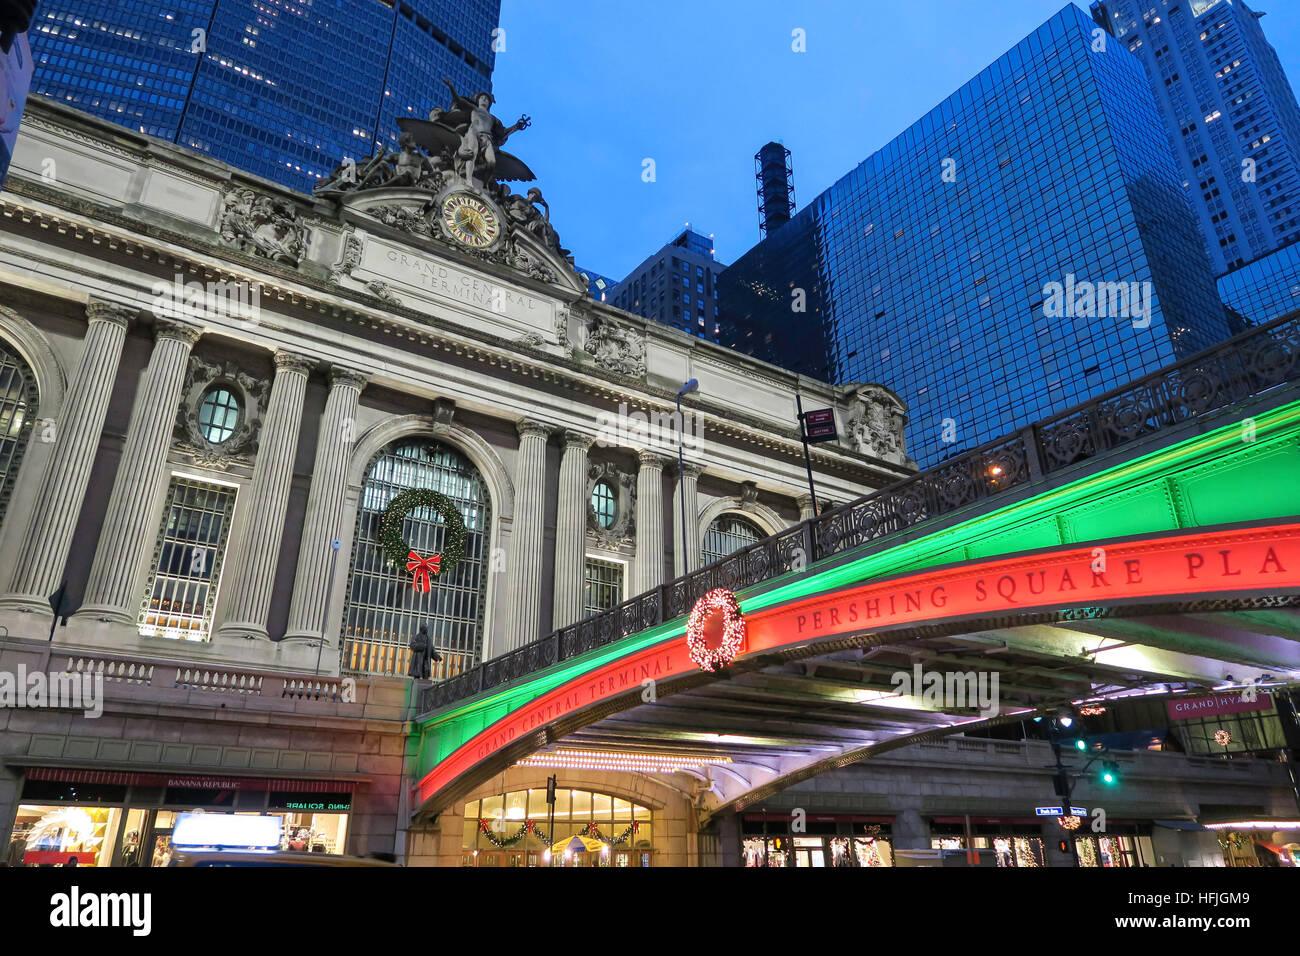 Pershing Square Luci delle Vacanze nella città di New York, Stati Uniti d'America Immagini Stock